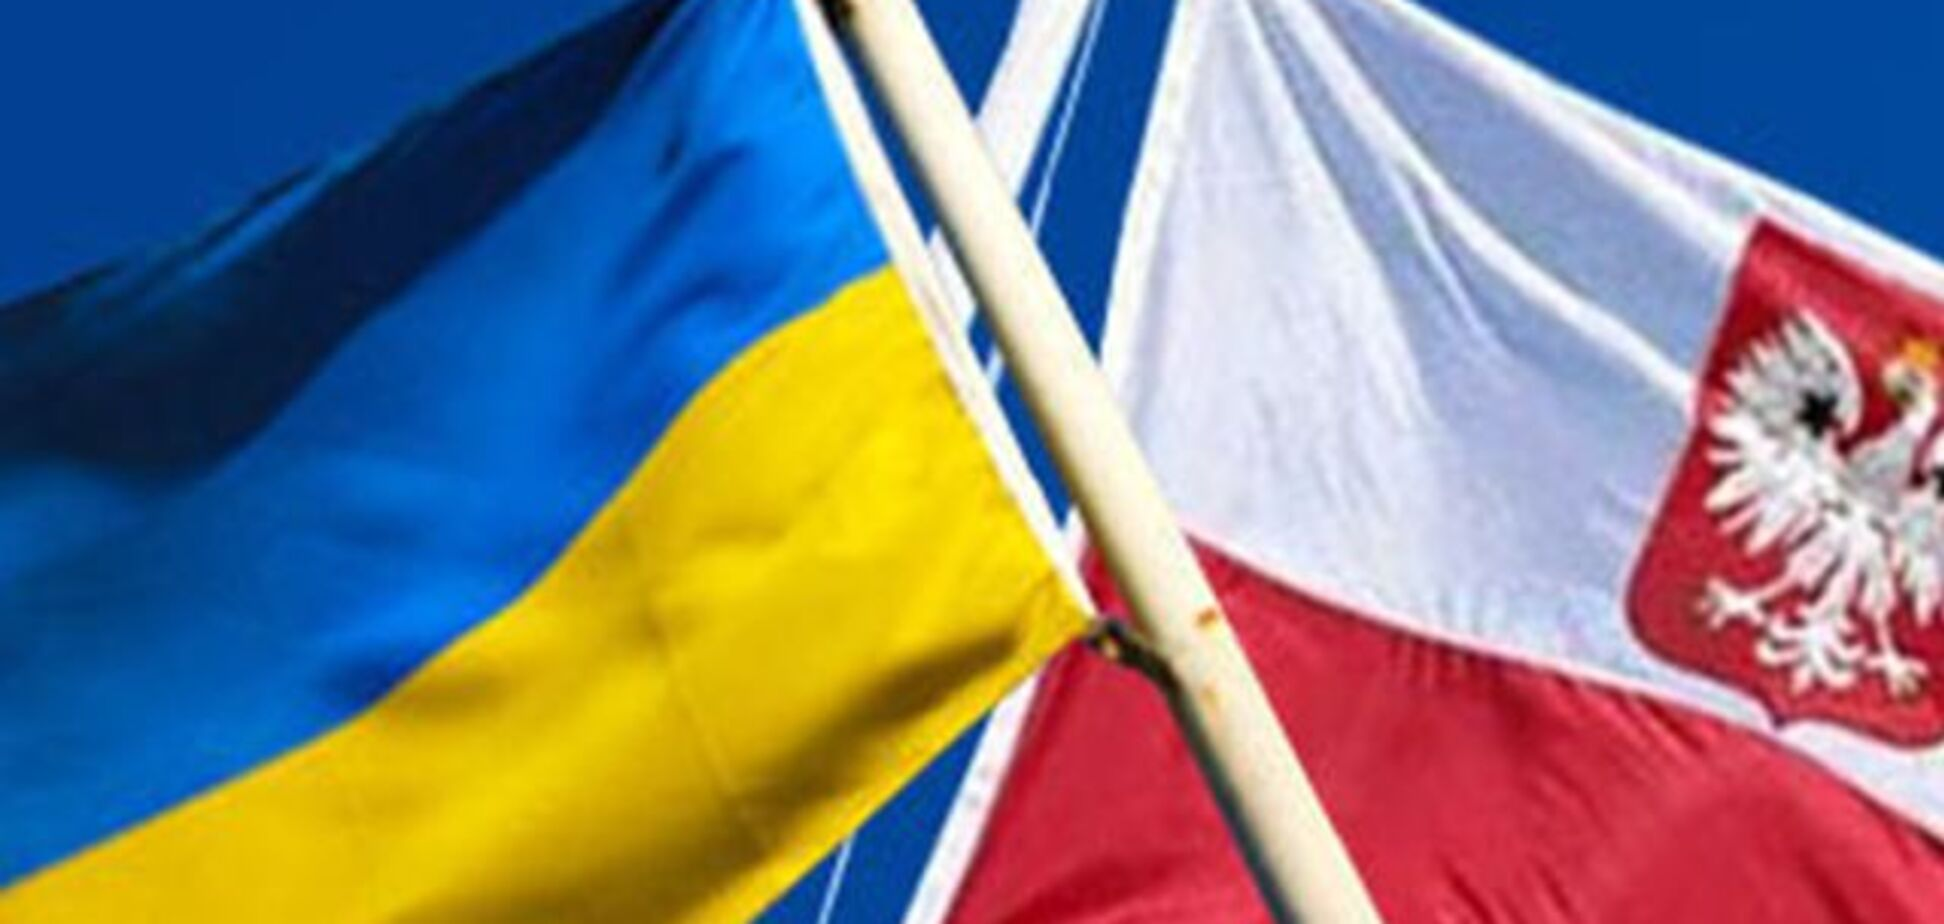 'Как капризные дети': в Украине дали жесткий ответ на претензии властей Польши